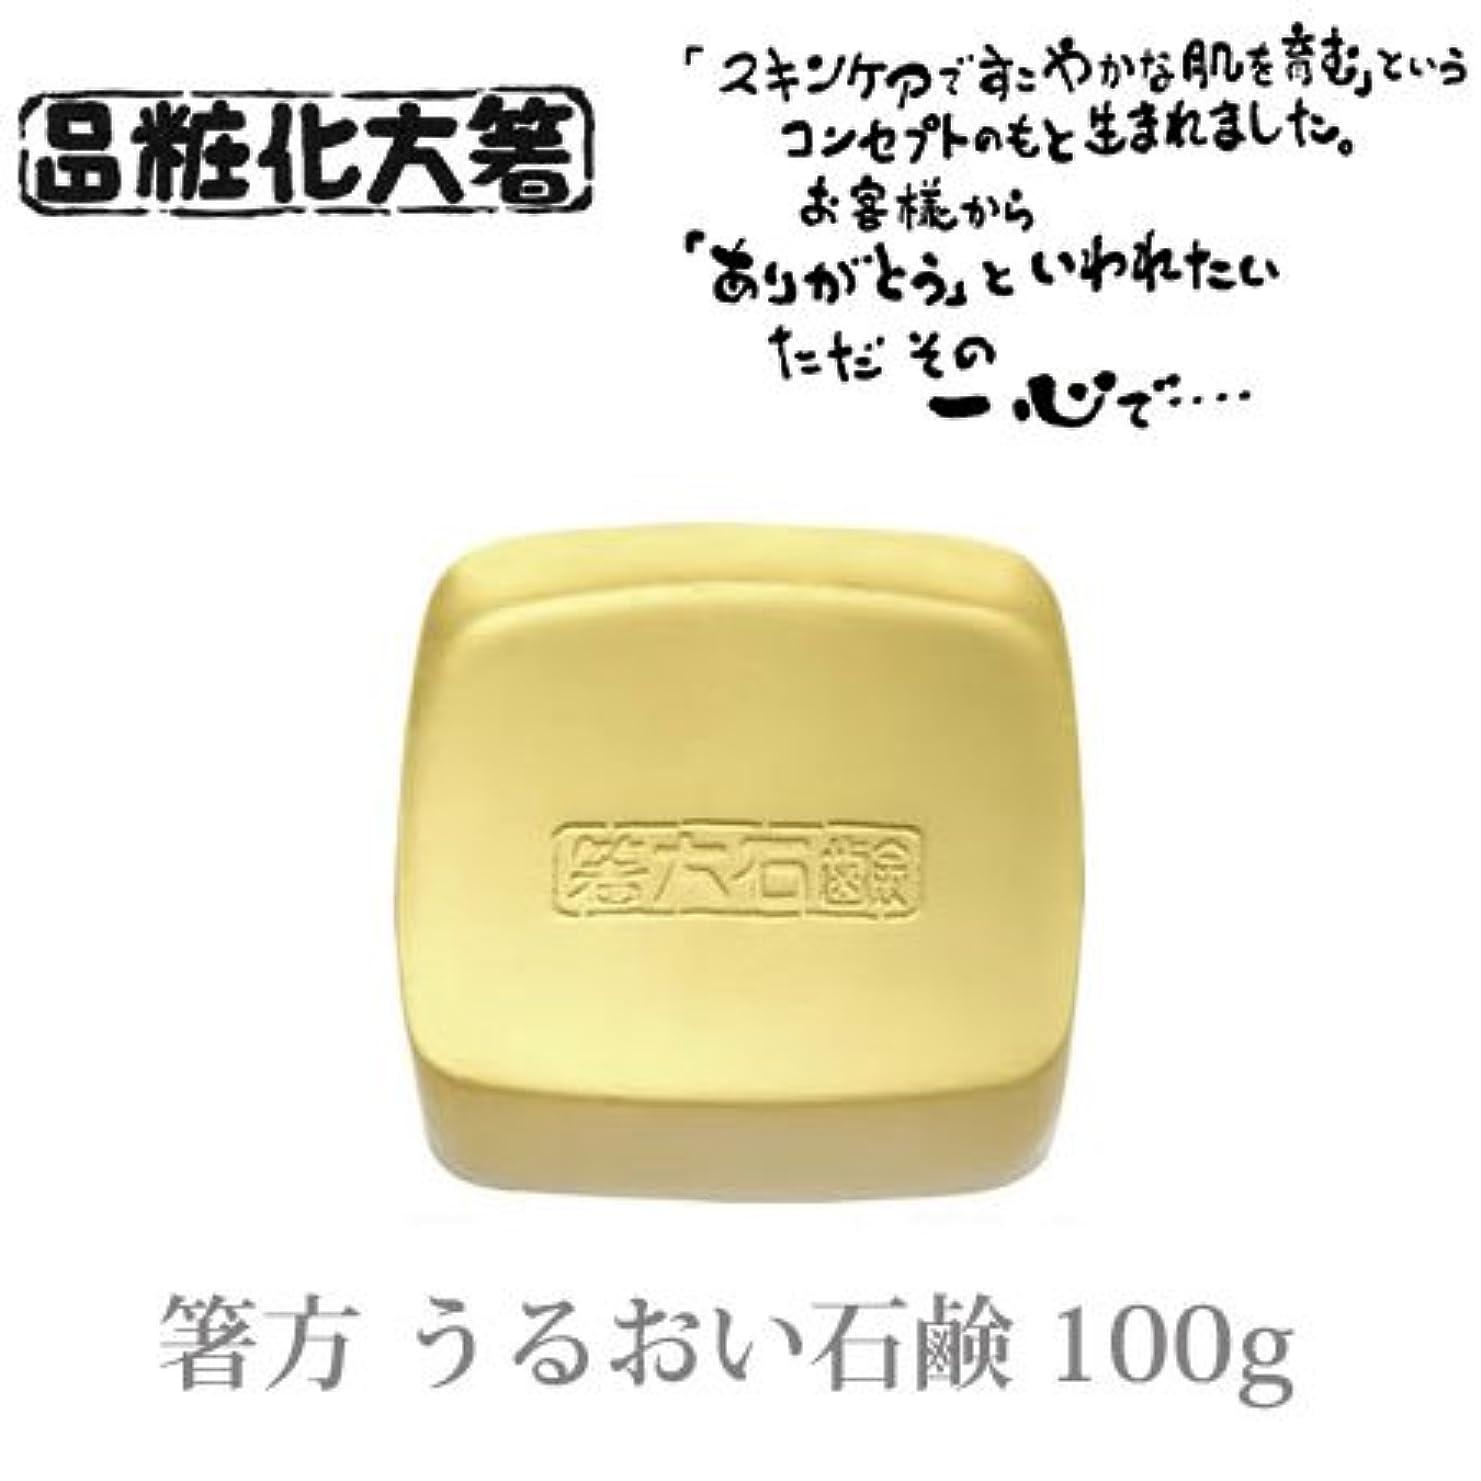 路地犯罪保険をかける箸方化粧品 うるおい石鹸 100g はしかた化粧品